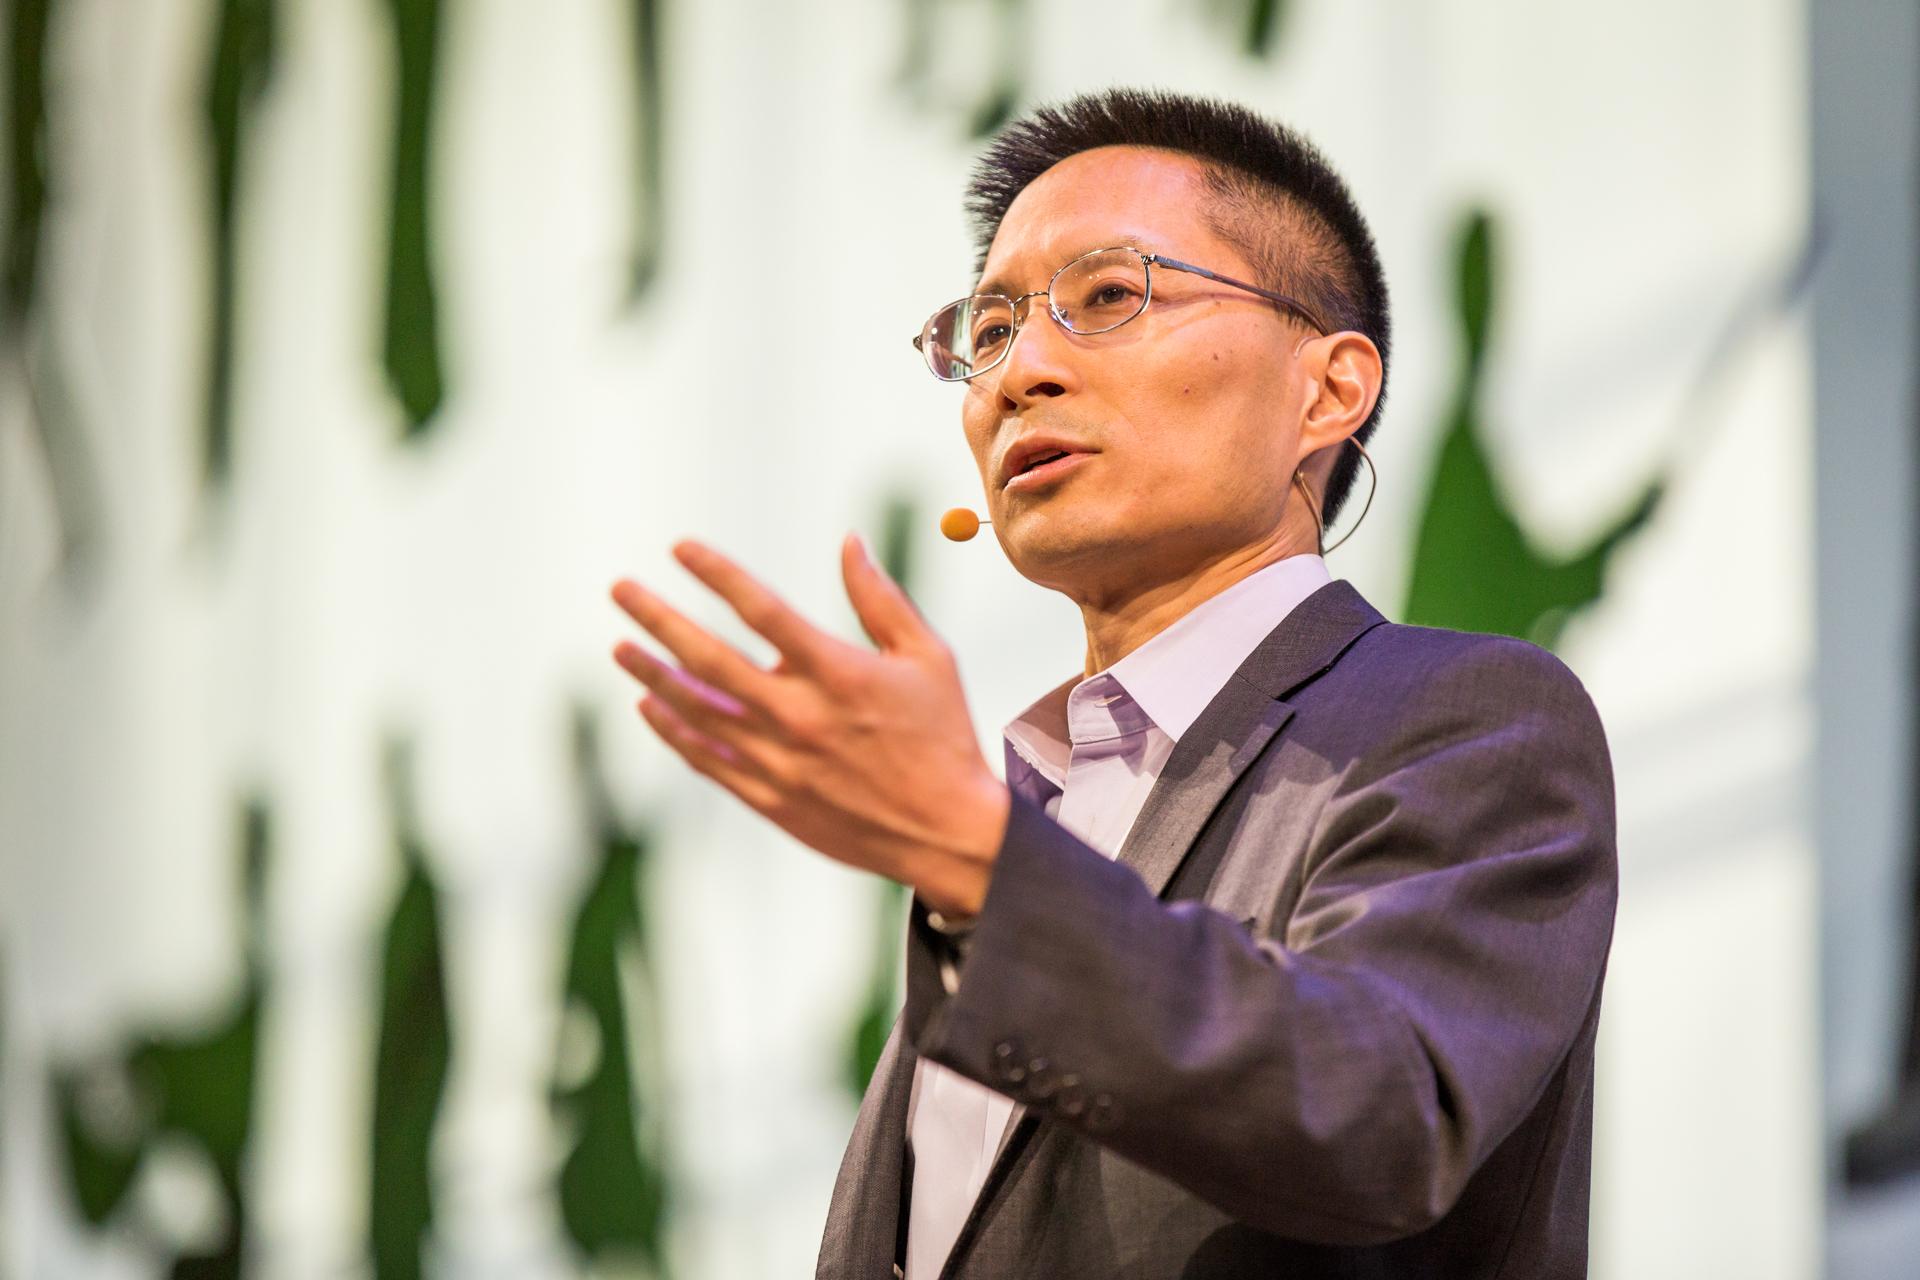 Eric Liu at TEDCity2.0 2013. Photo: Ryan Lash